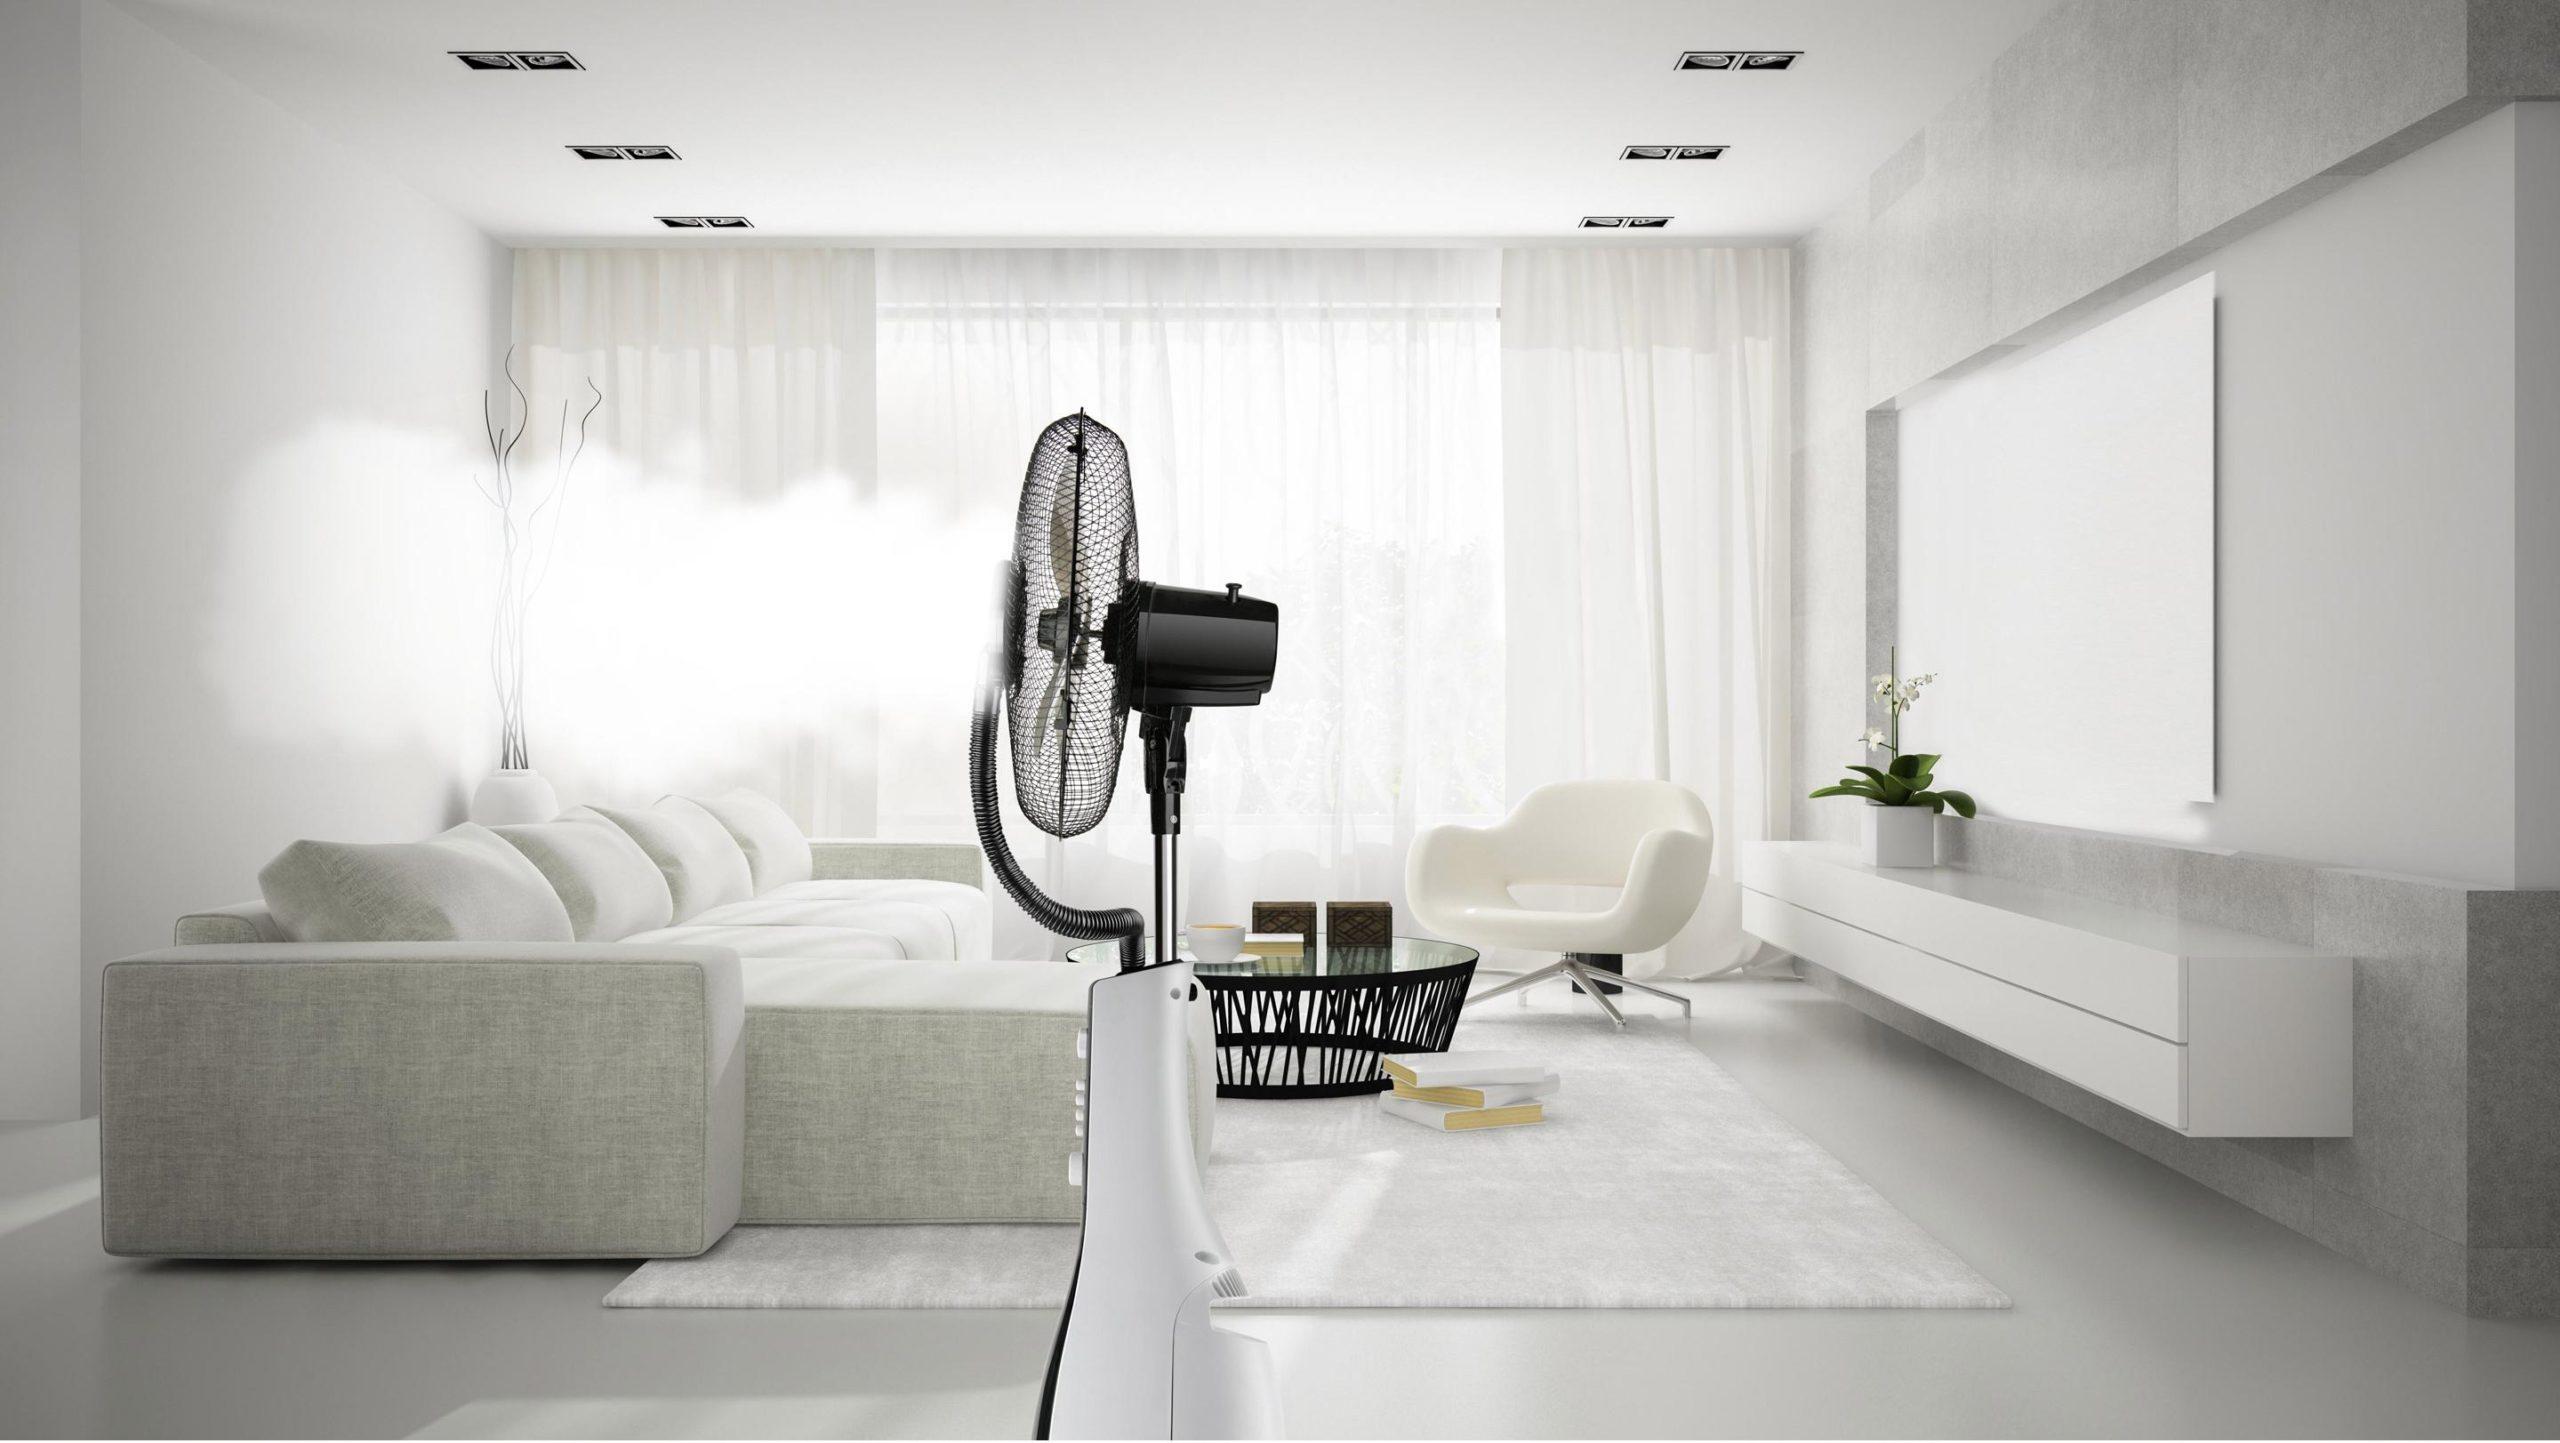 Comment utiliser un ventilateur brumisateur